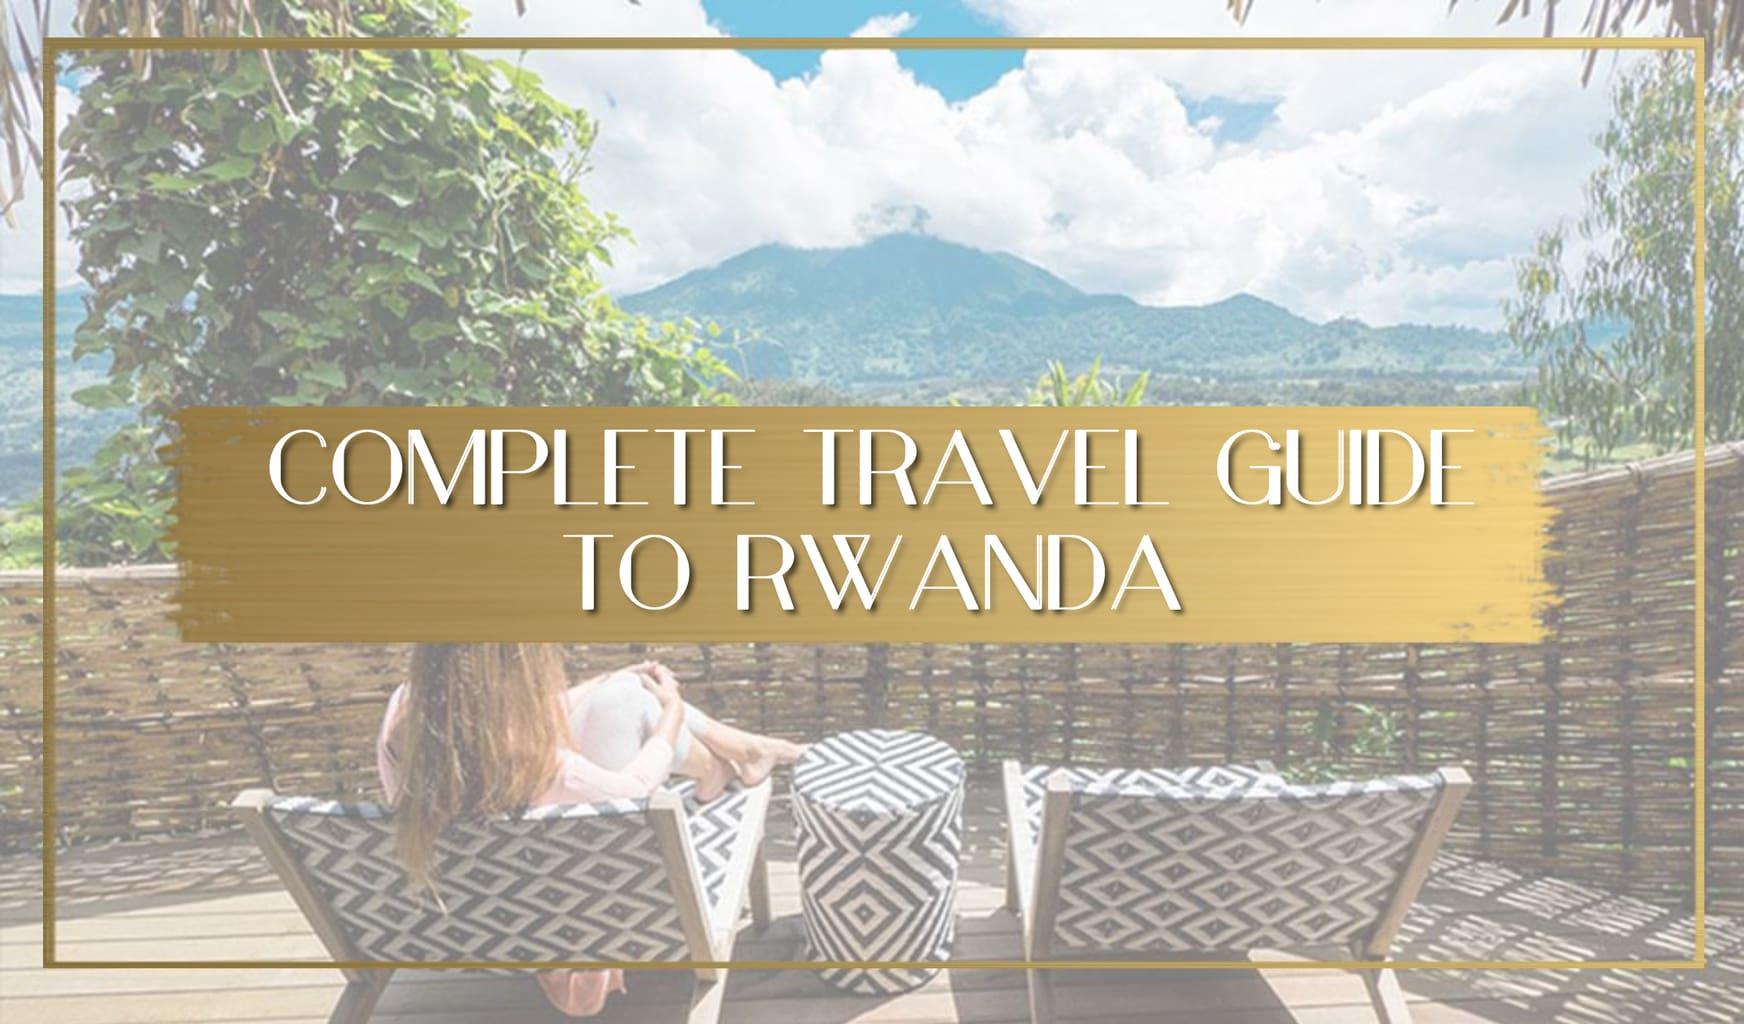 Travel Guide to Rwanda main